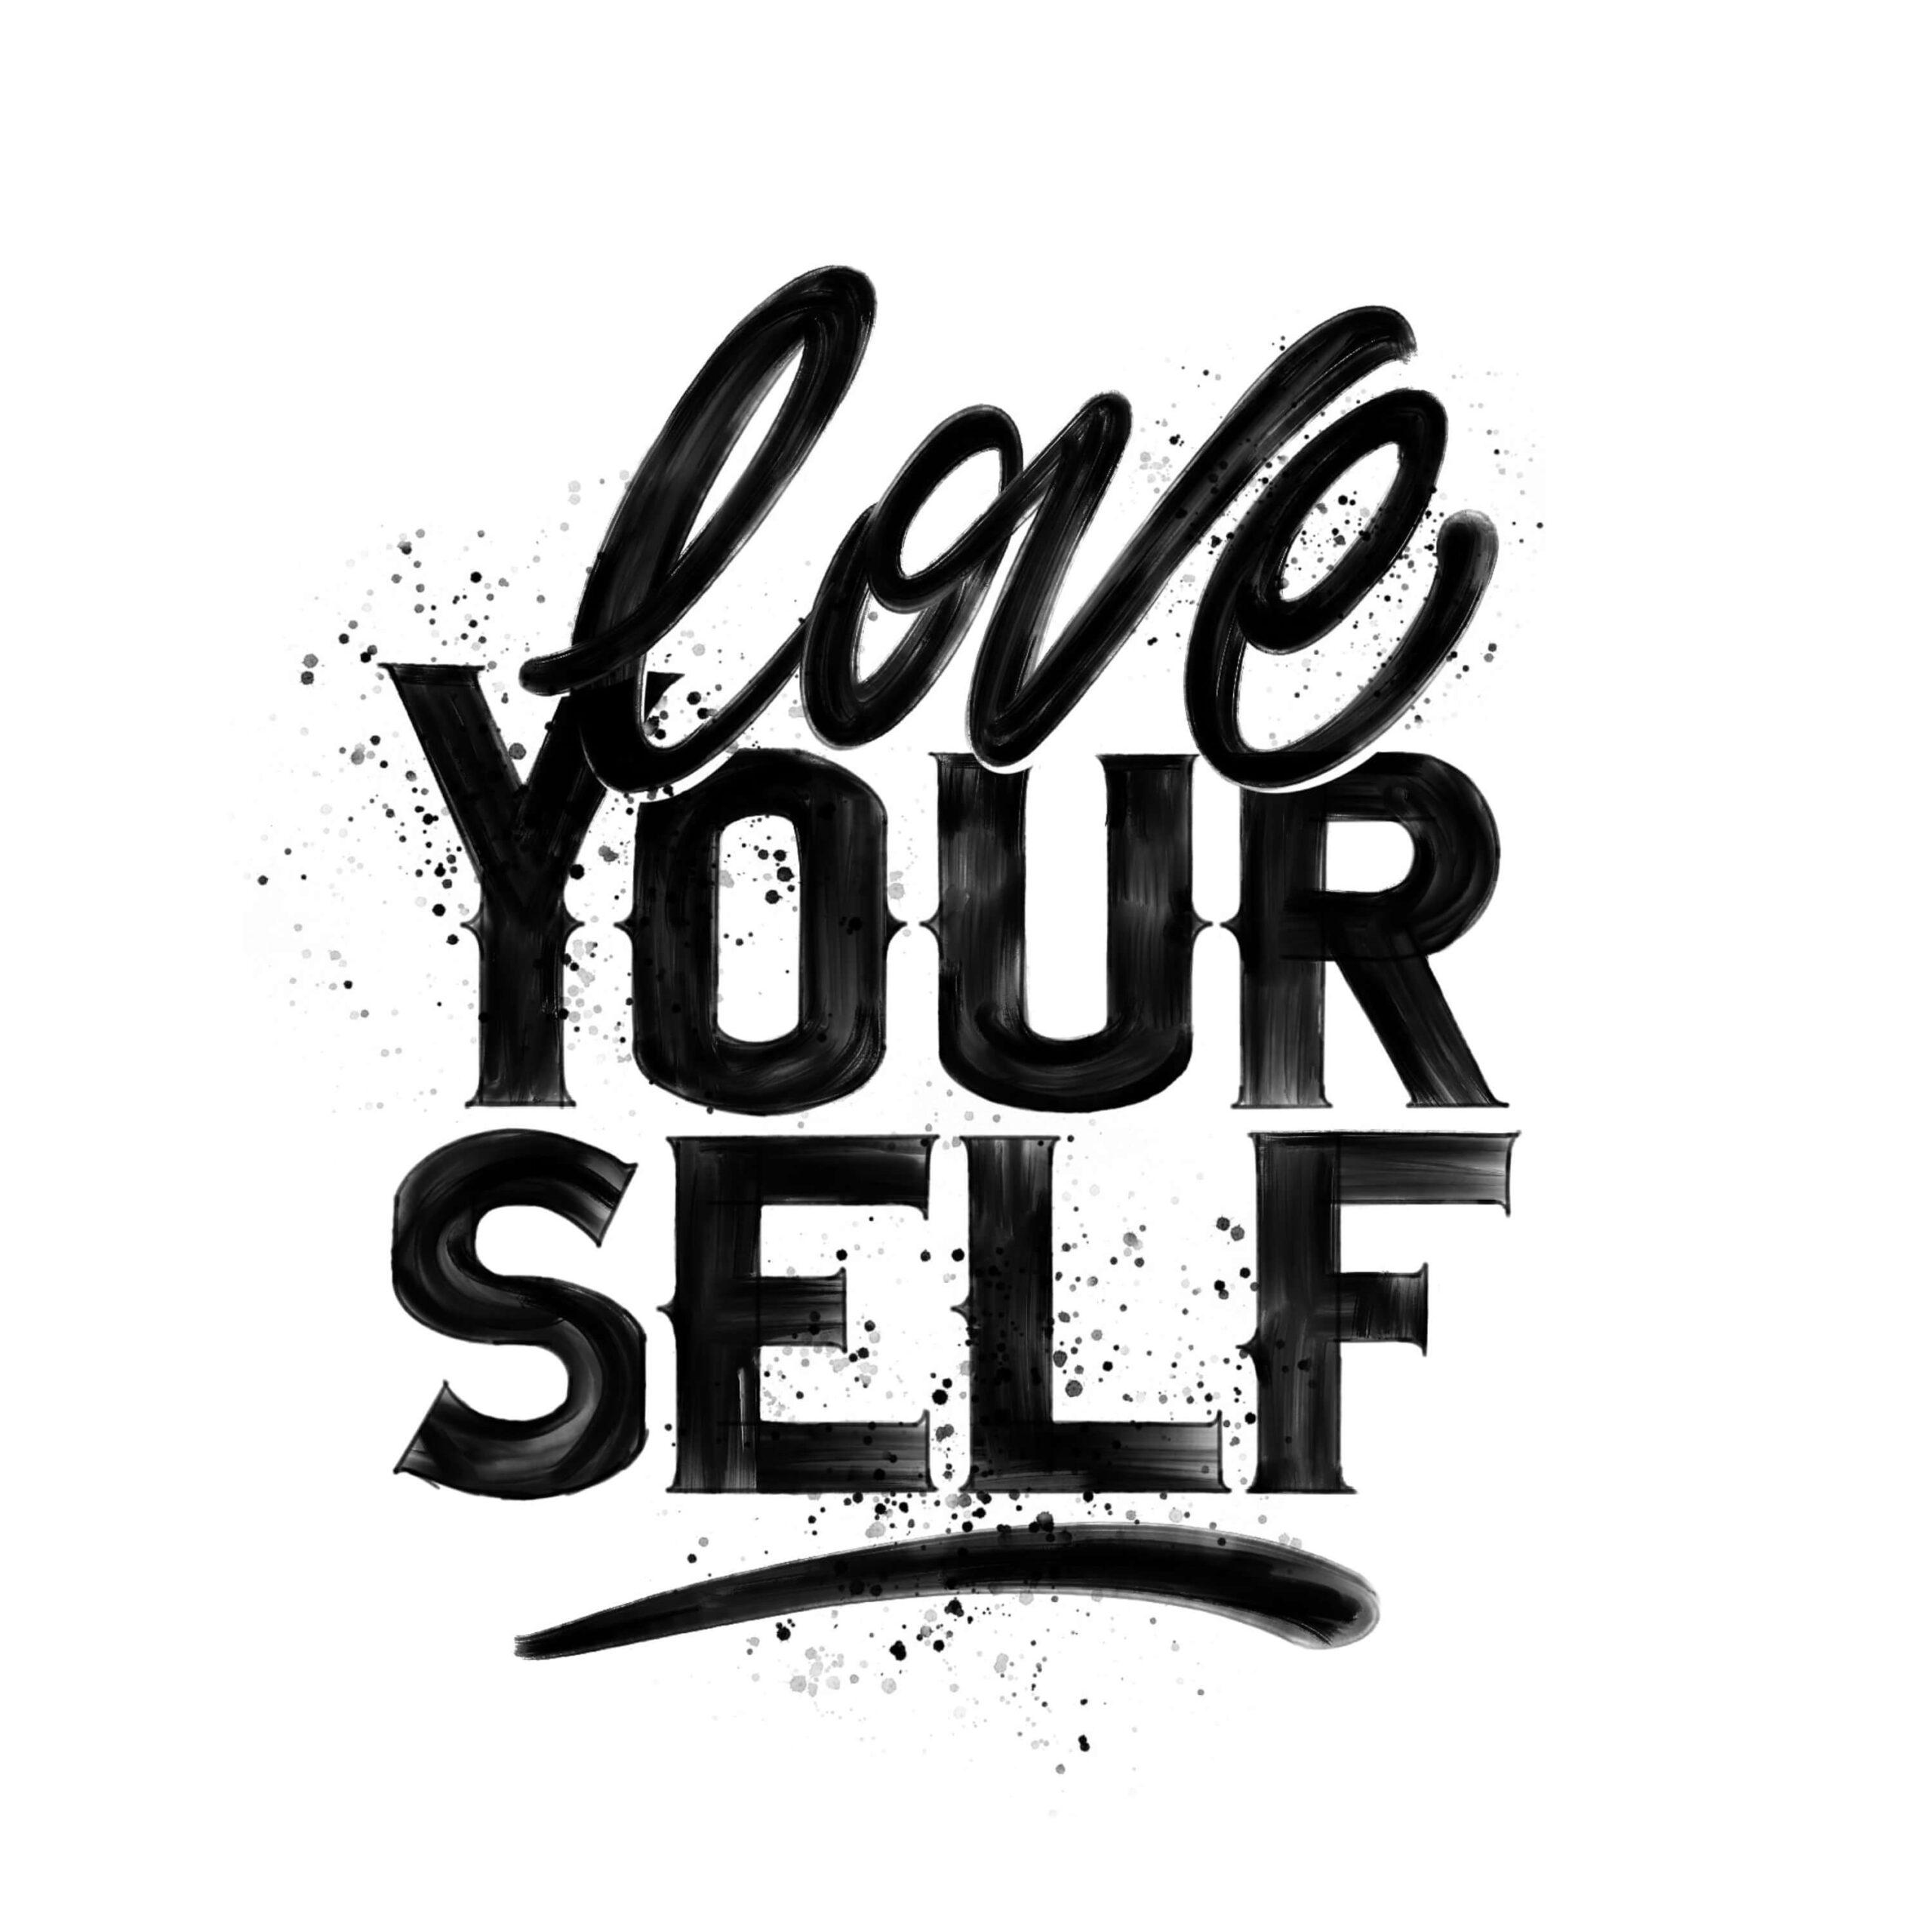 Love Your Self - Mr G Designs : George Greenlees